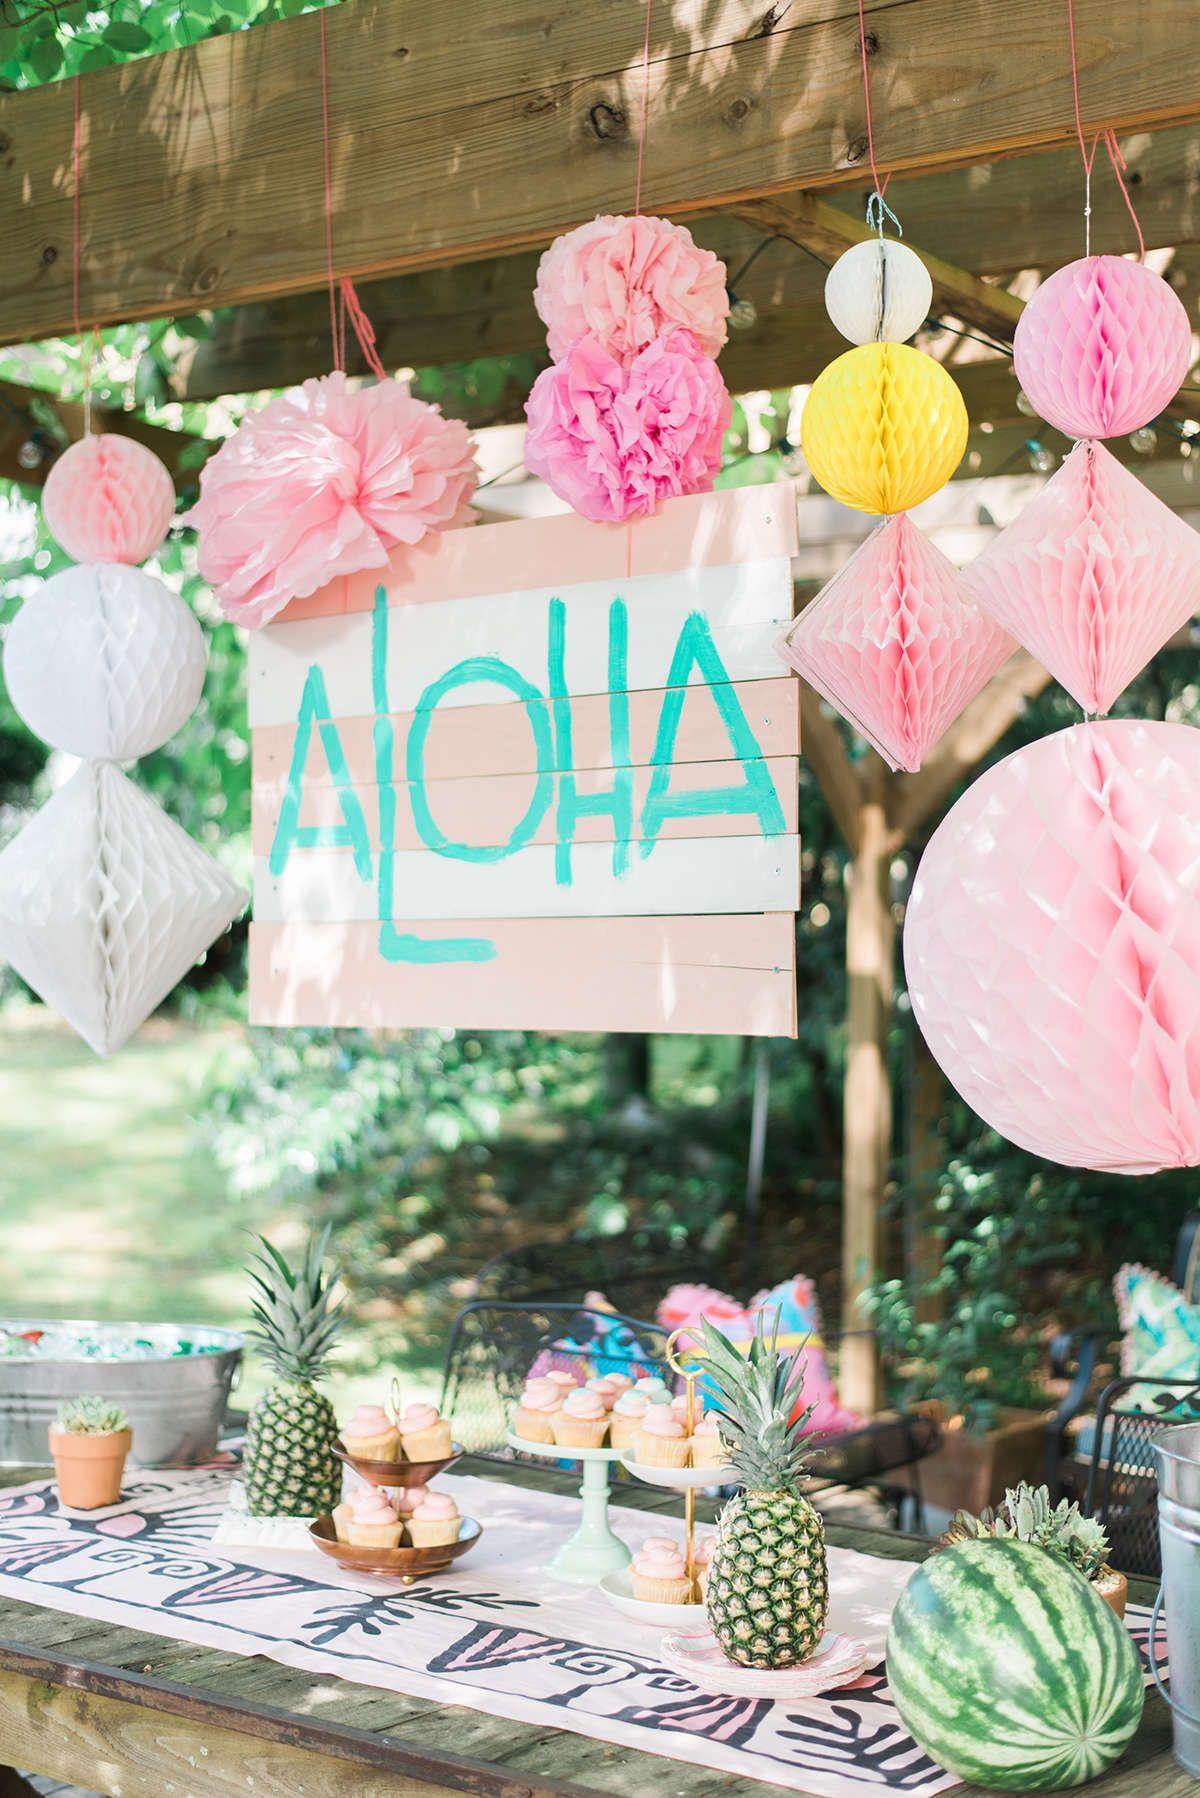 70 ideias de decora o para festa havaiana incr vel. Black Bedroom Furniture Sets. Home Design Ideas